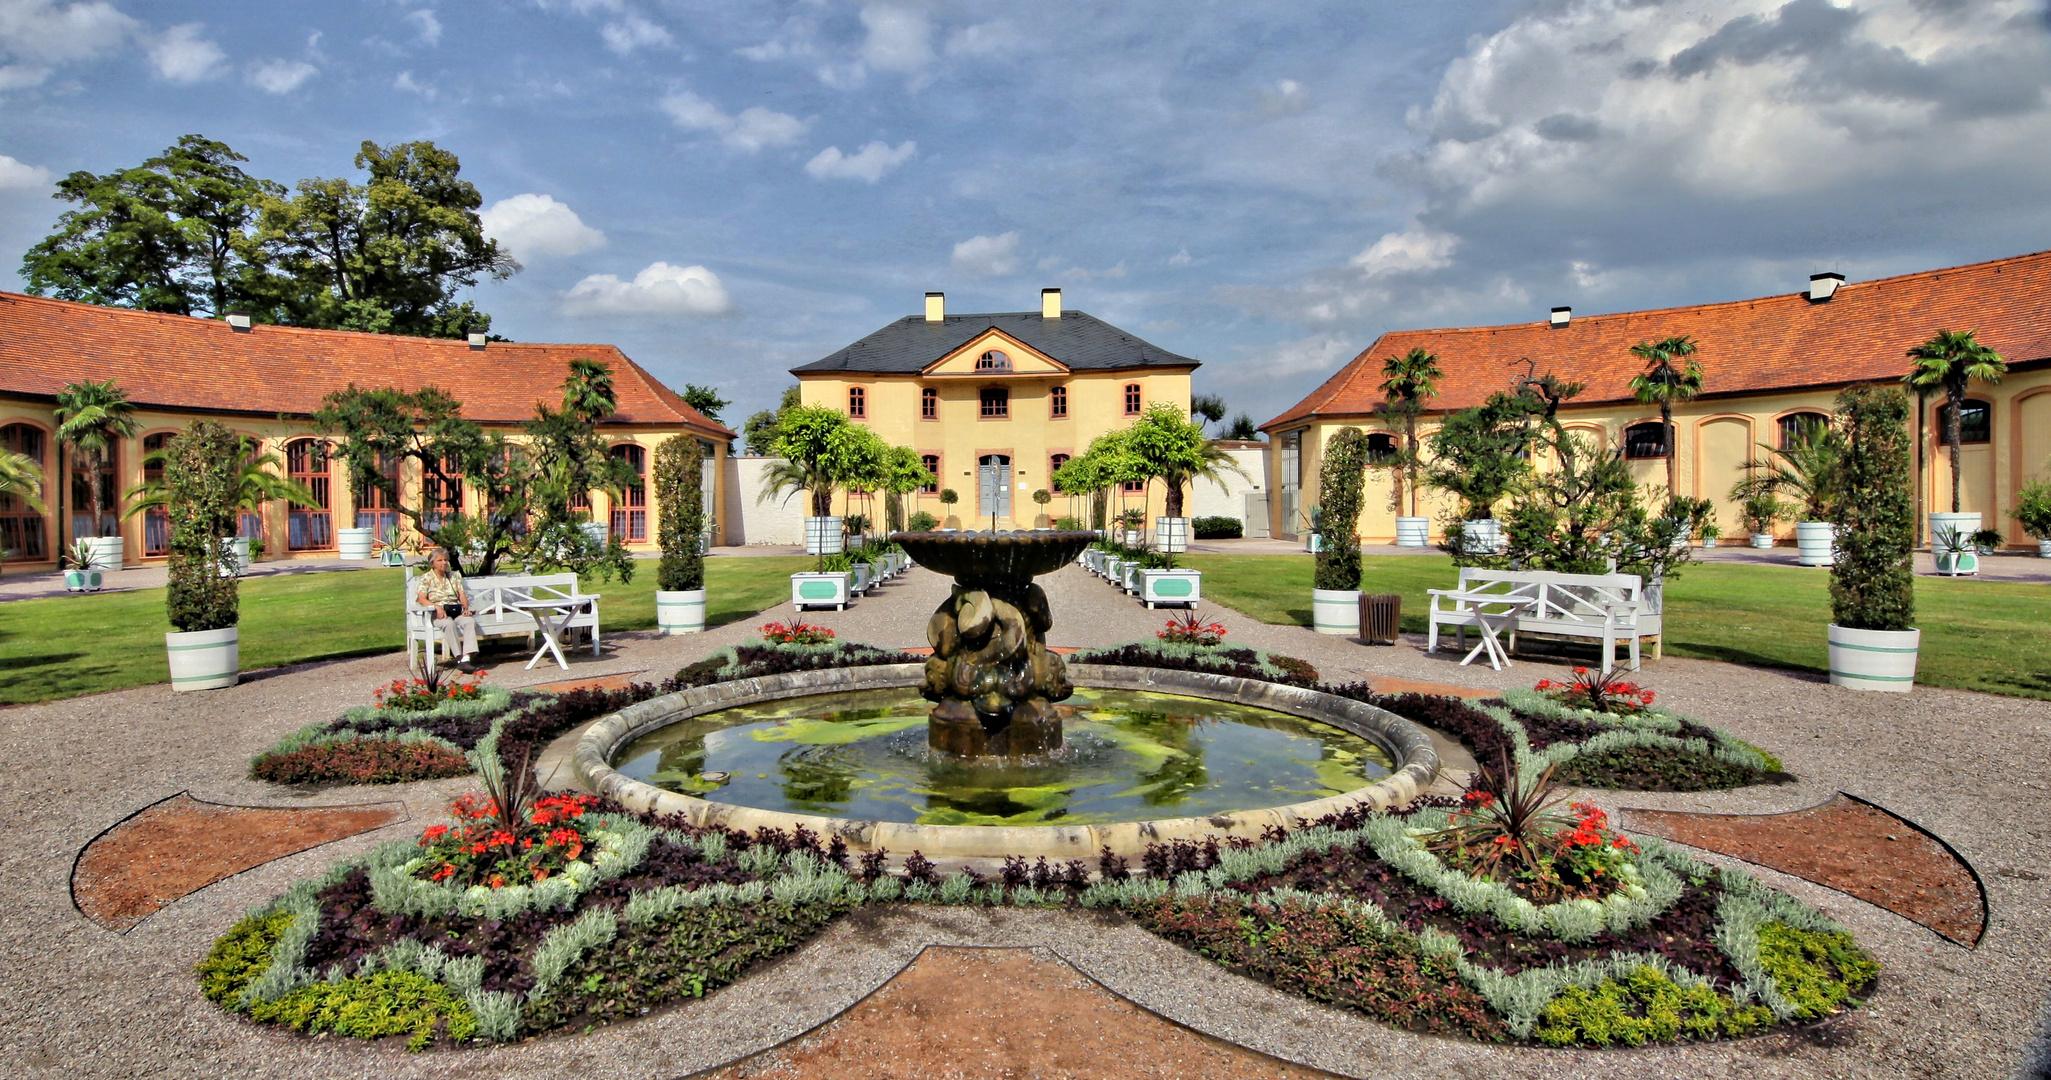 Schloss belvedere weimar orangerie foto bild architektur deutschland europe bilder auf - Architektur weimar ...